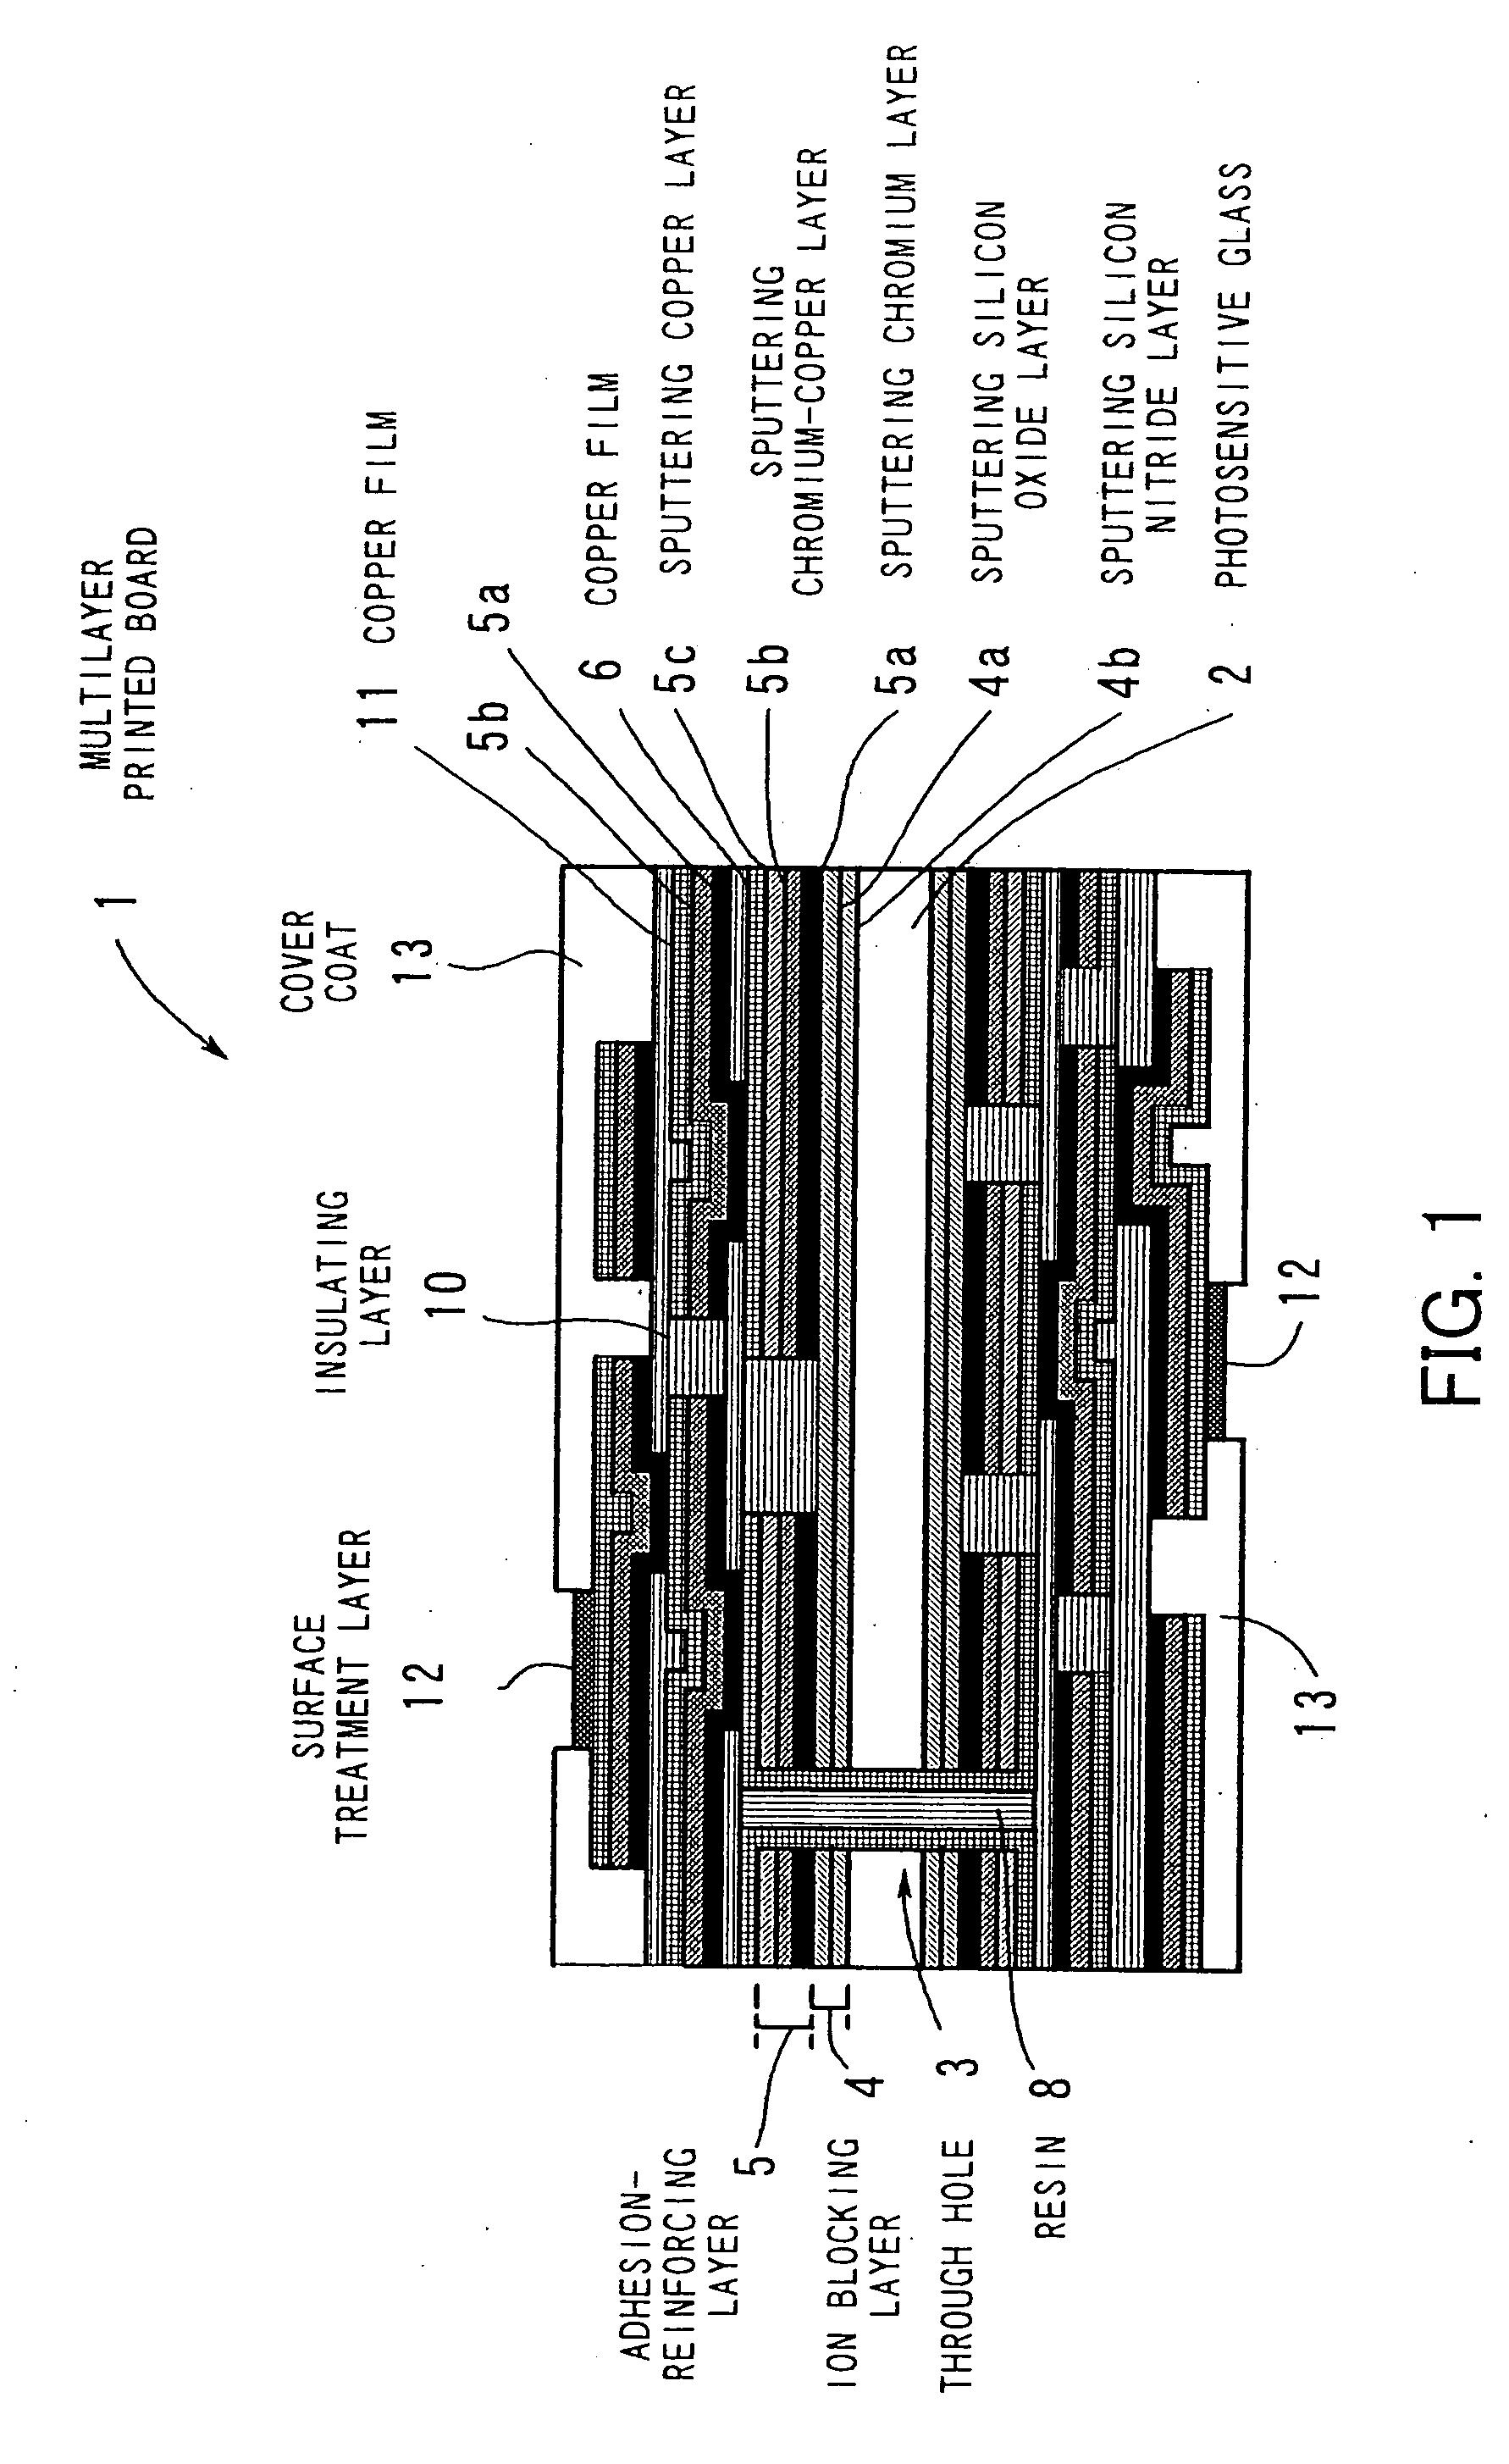 patent us20060191710